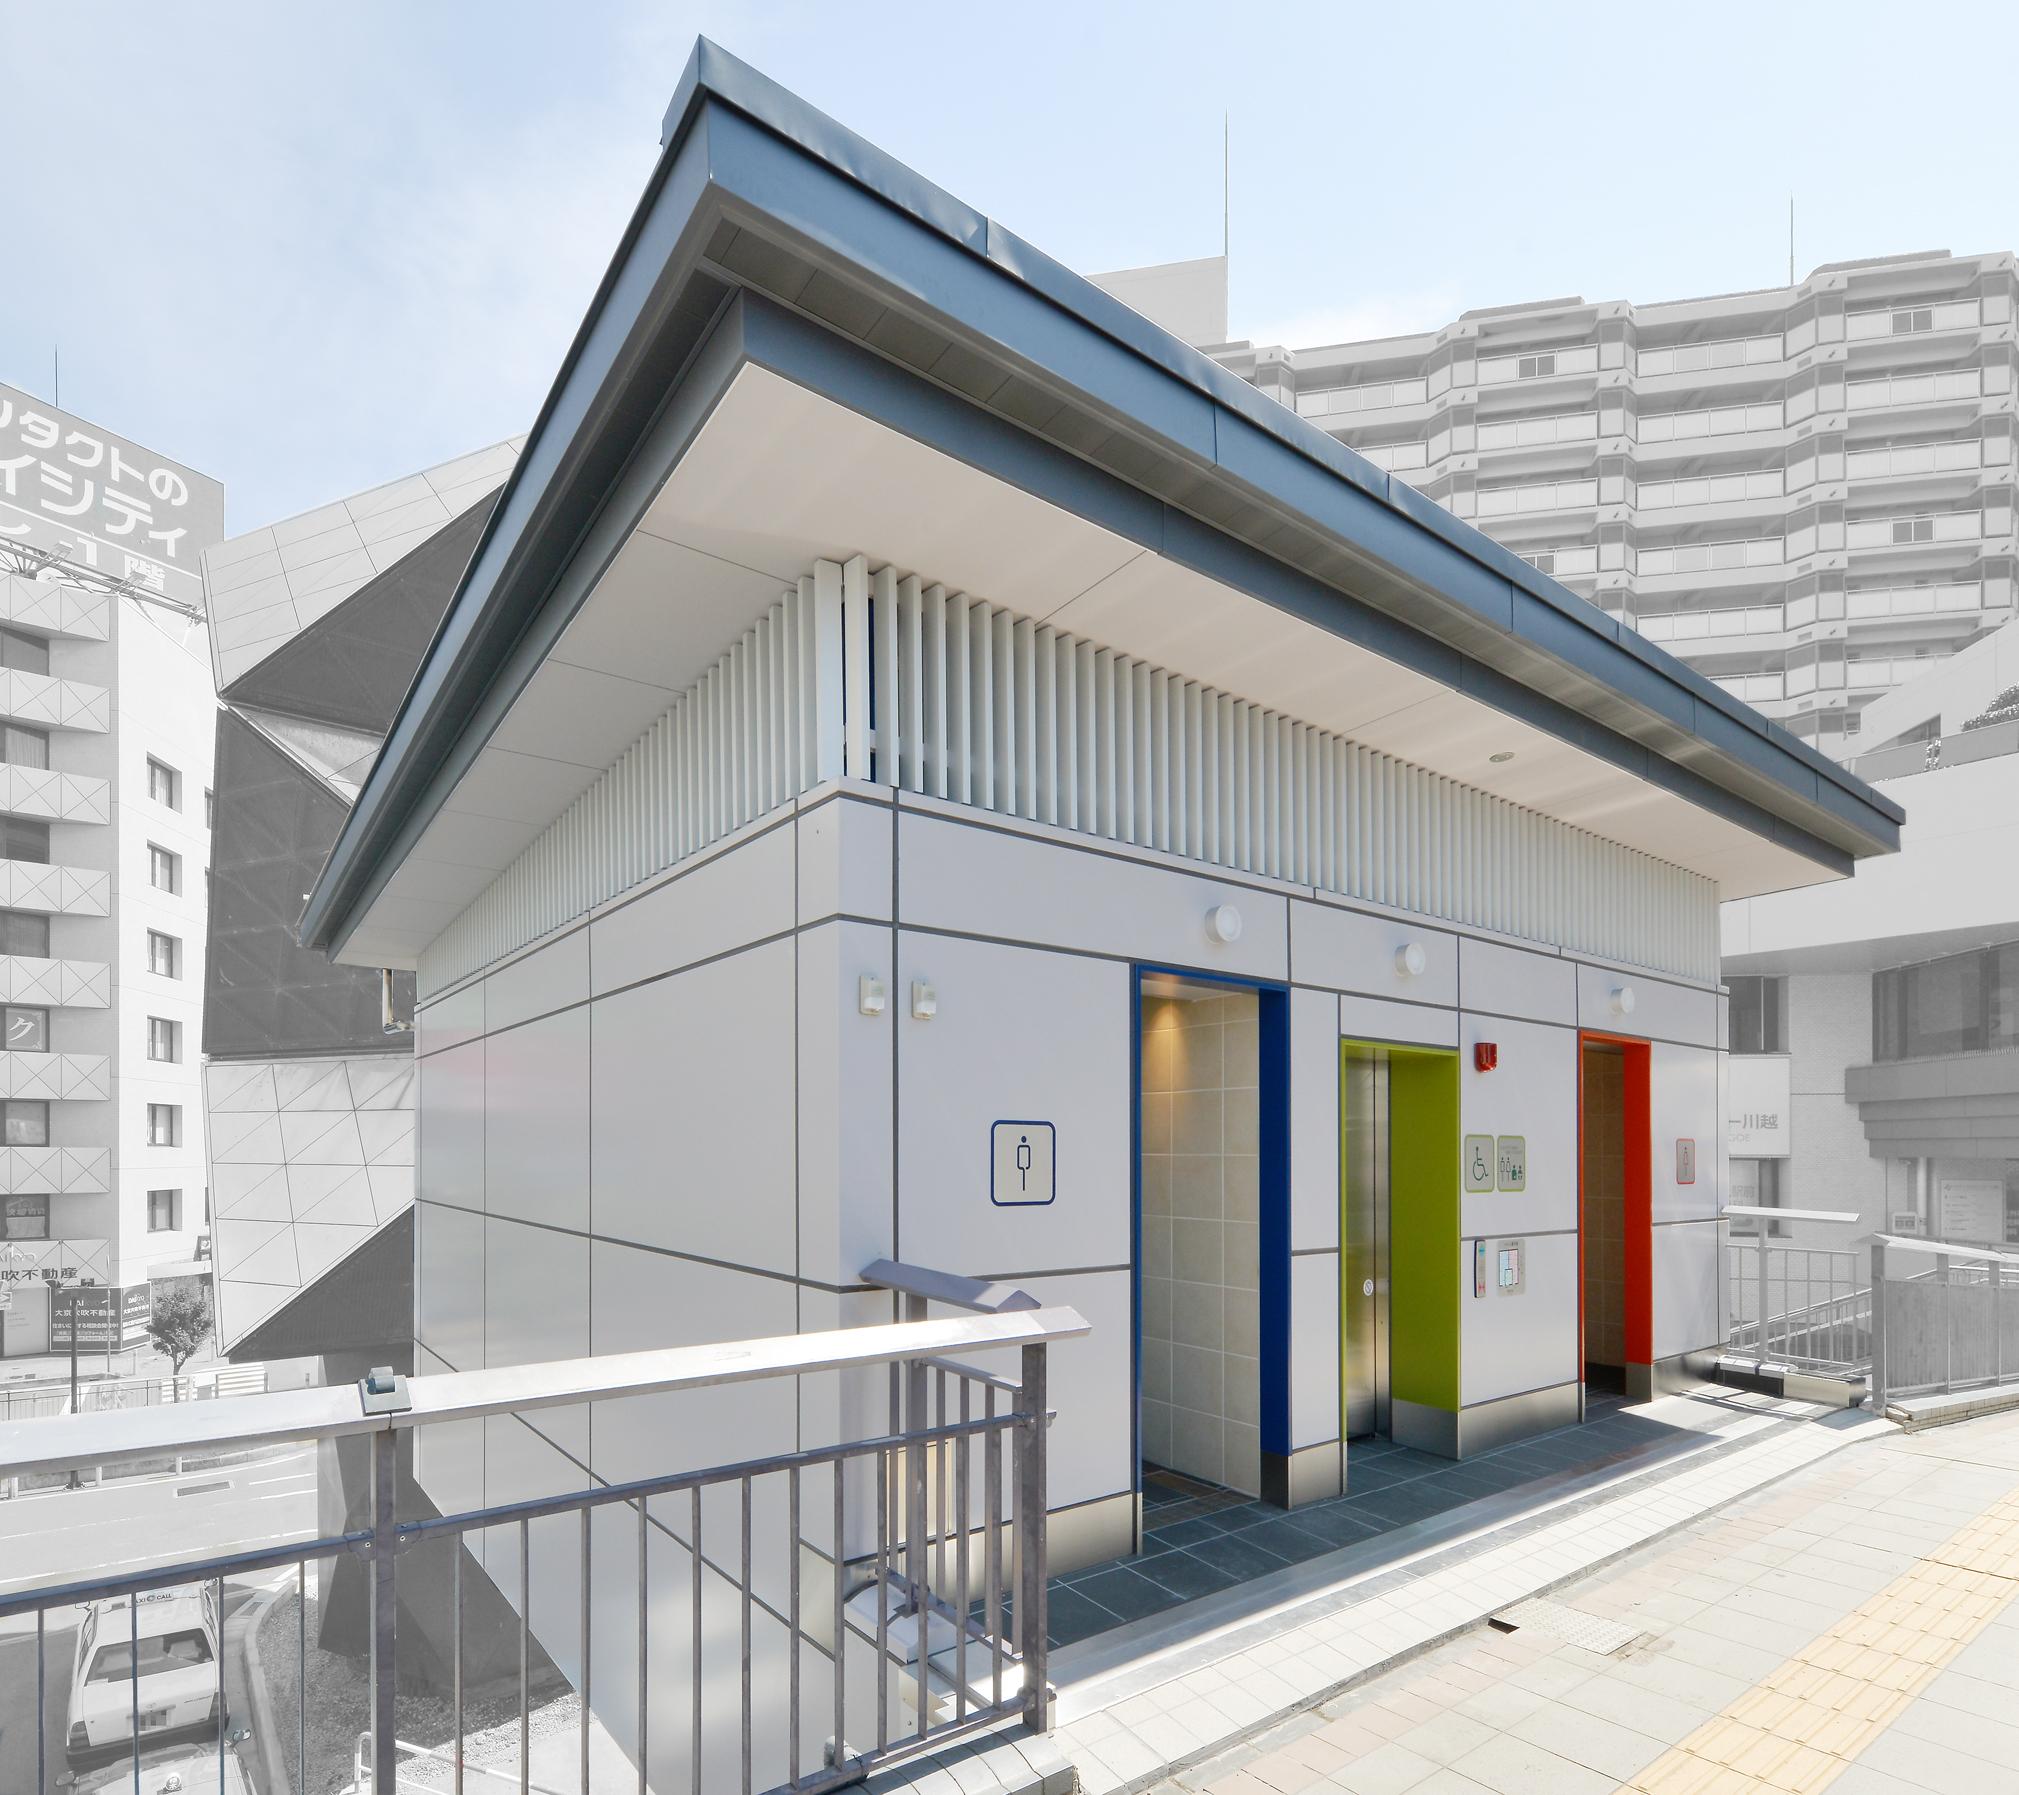 川越駅東口駅前広場(公衆トイレ)整備工事のアイキャッチ画像